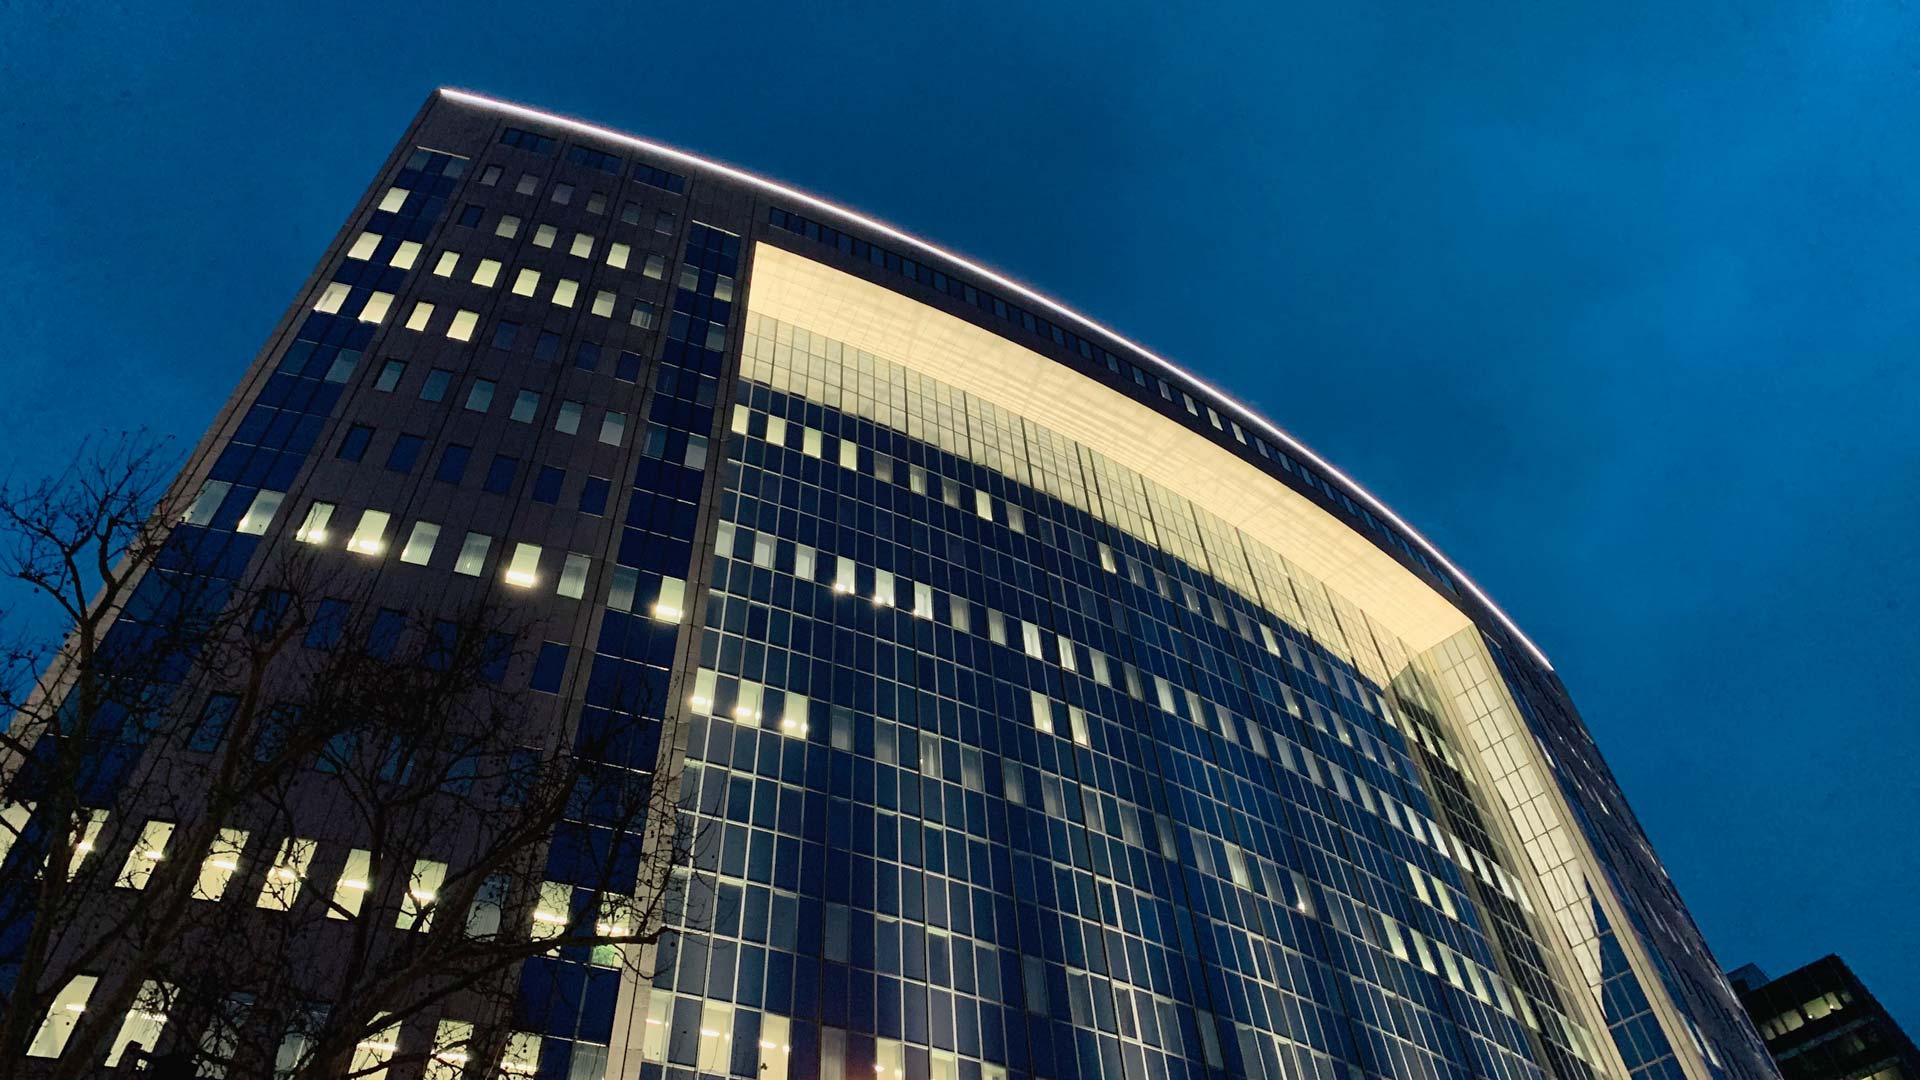 MAASS-Lichtplanung_Fassadenbeleuchtung Centurion / American Express__MAASS-Licht-AMEX-002